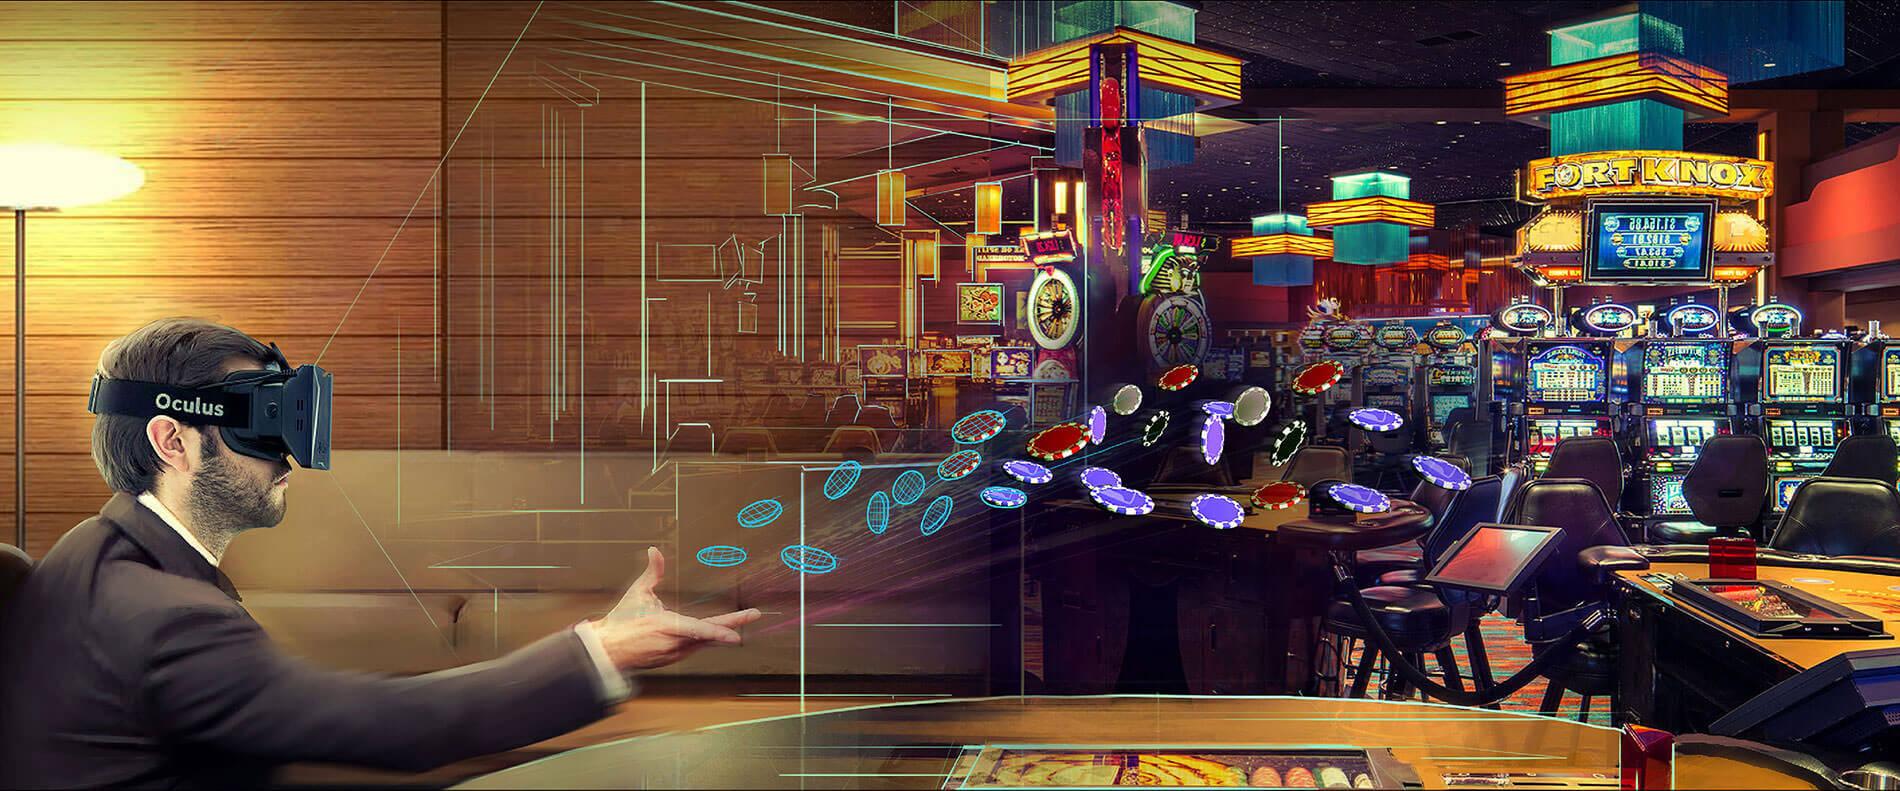 Нательные технологии в казино: гаджеты с AR-технологиями в игорном бизнесе